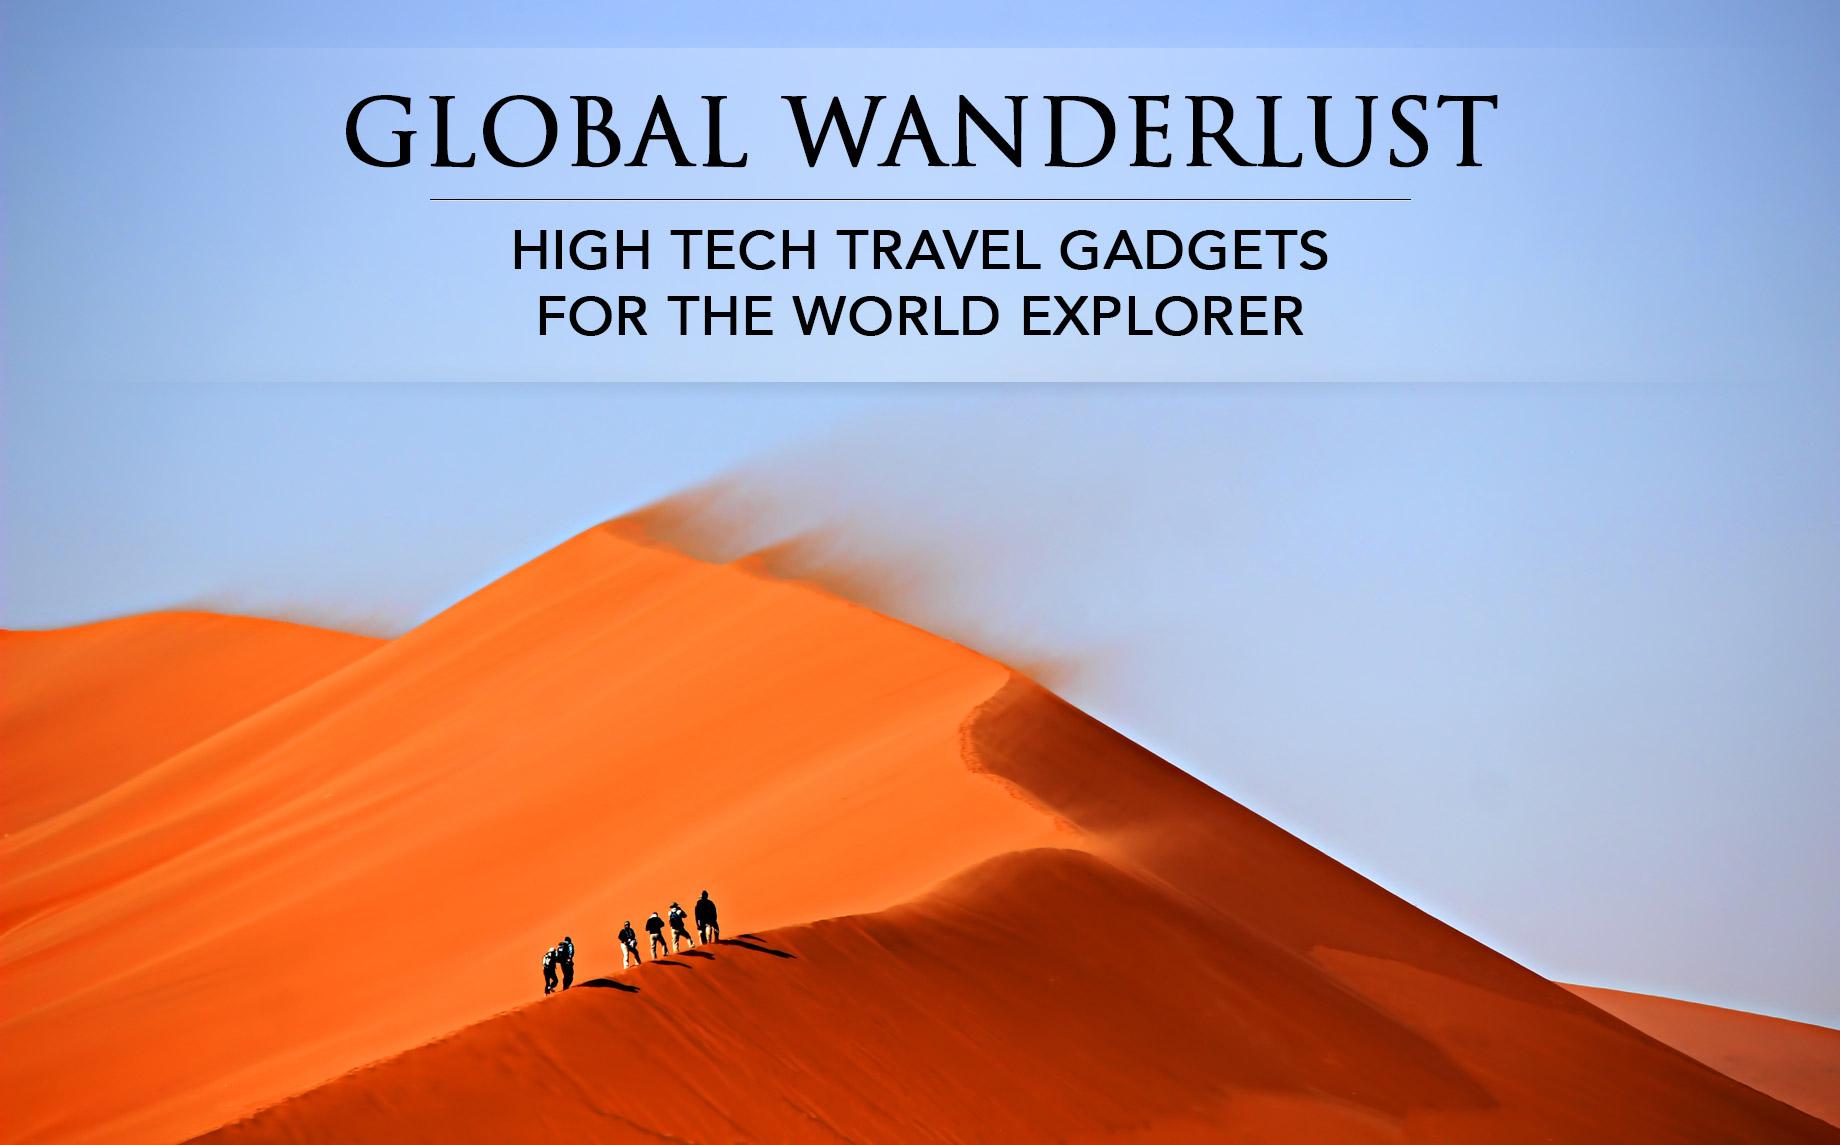 Global Wanderlust - High Tech Travel Gadgets for the World Explorer